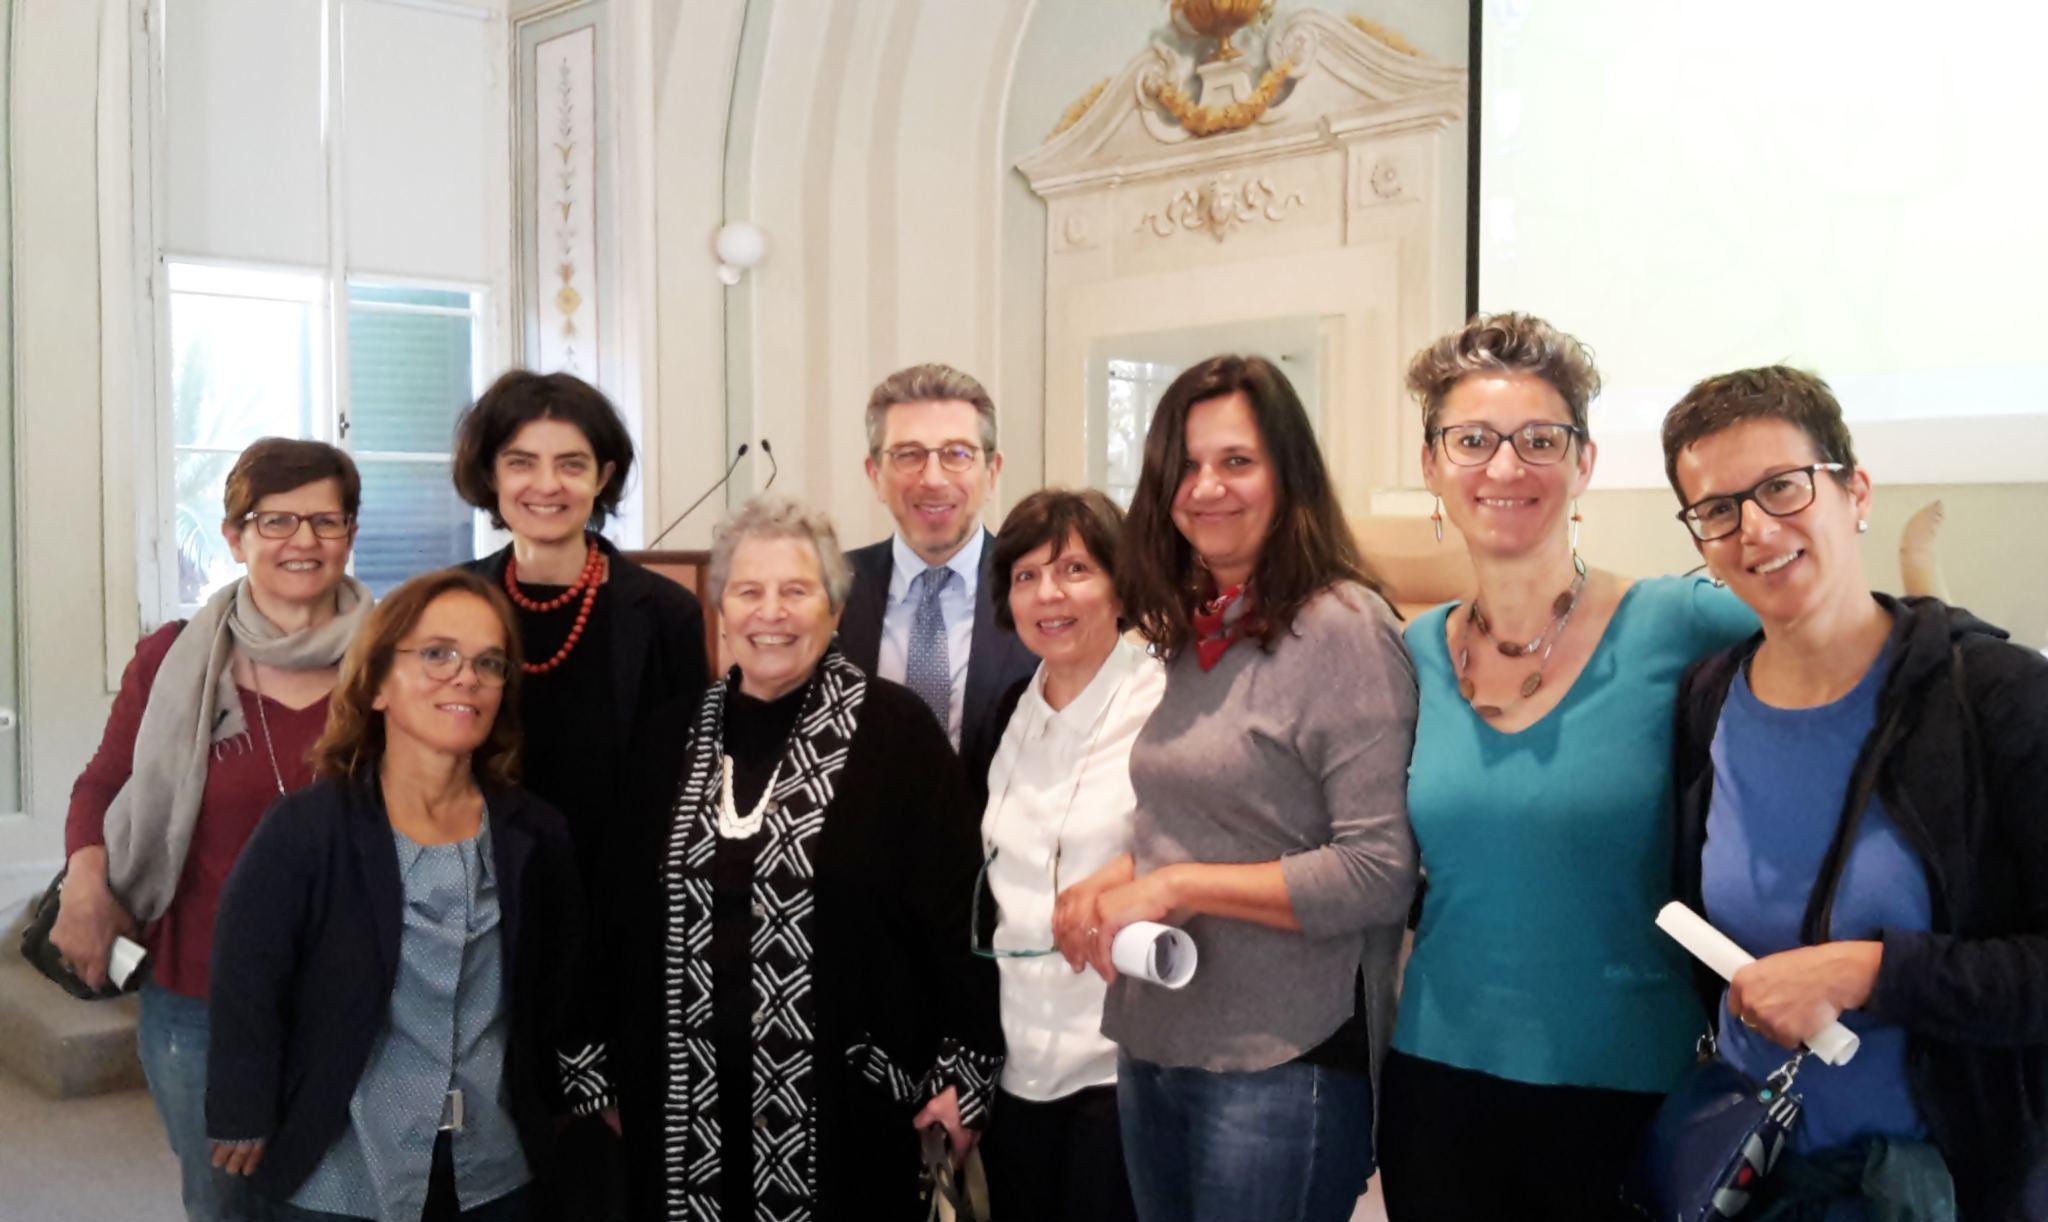 SABES-Selbstmanagement-Projekte in Rom vorgestellt